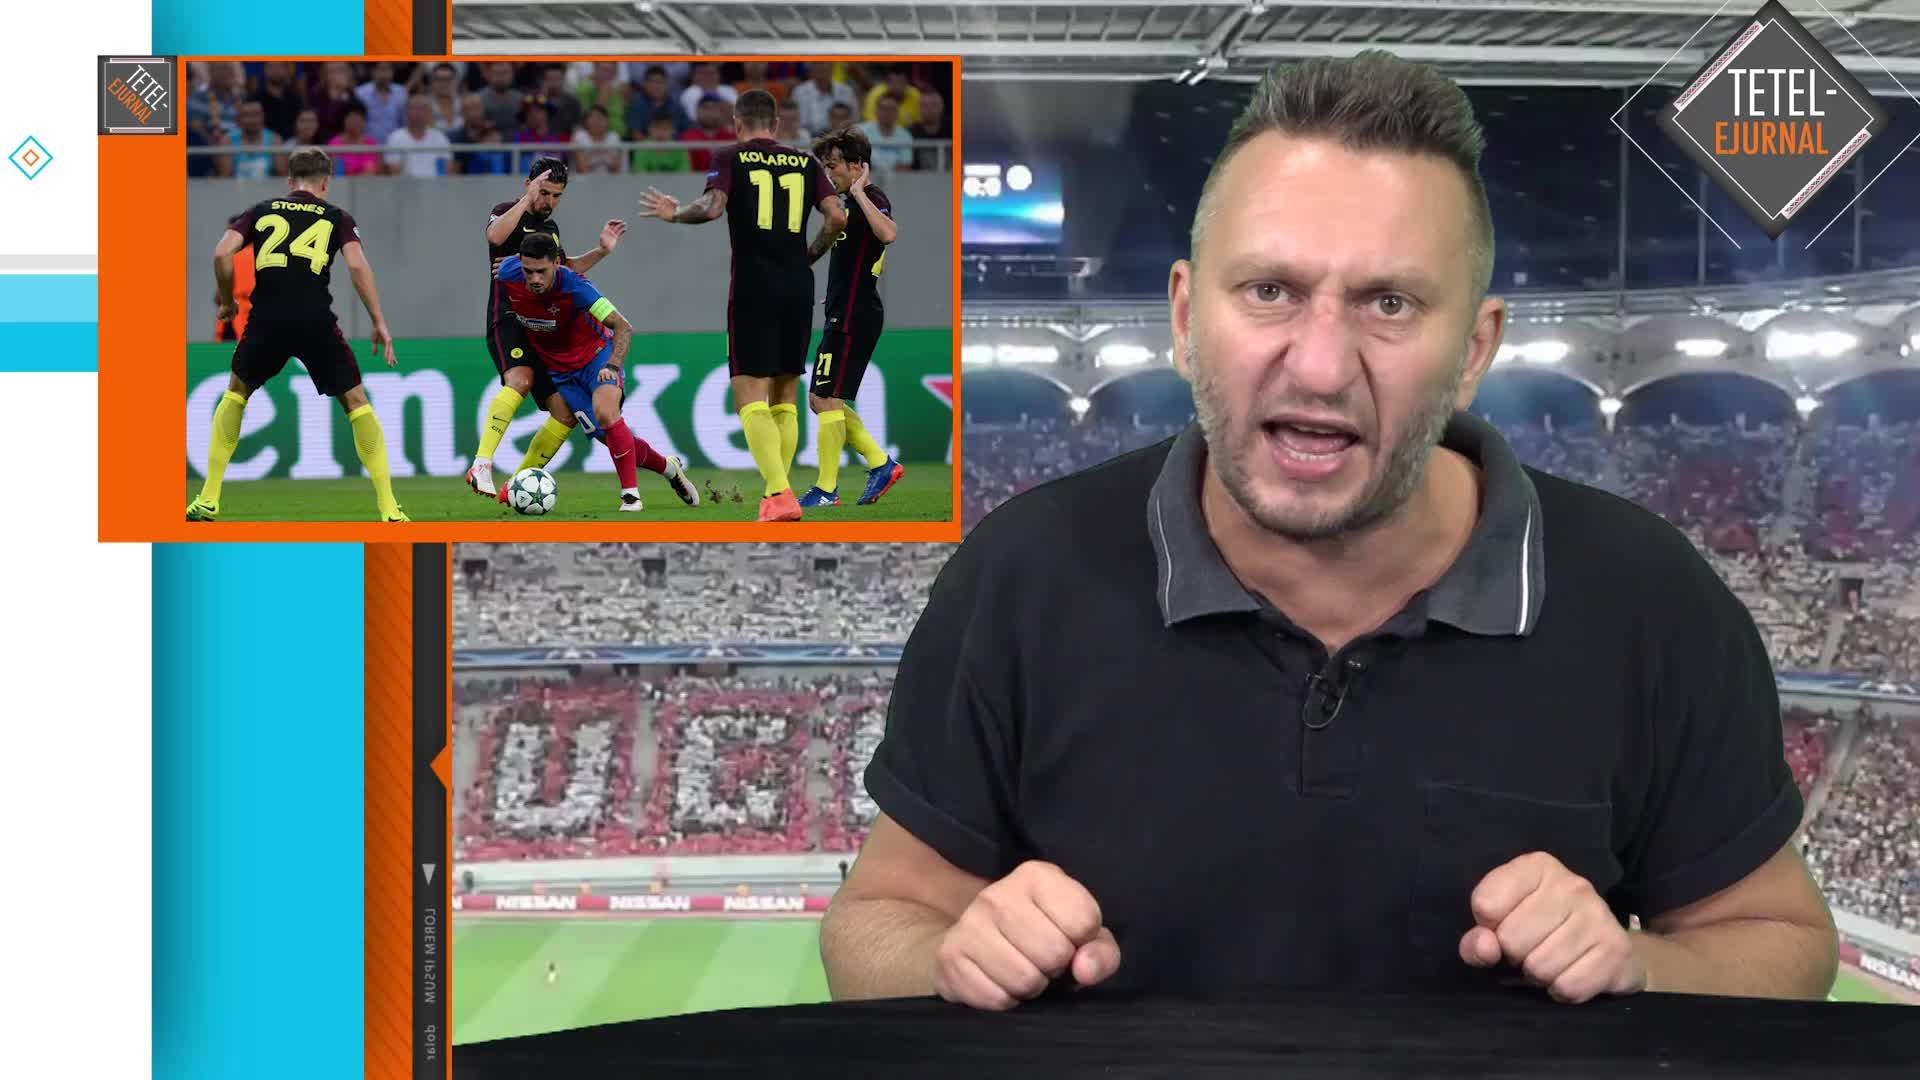 Tetelu şi fotbalul românesc